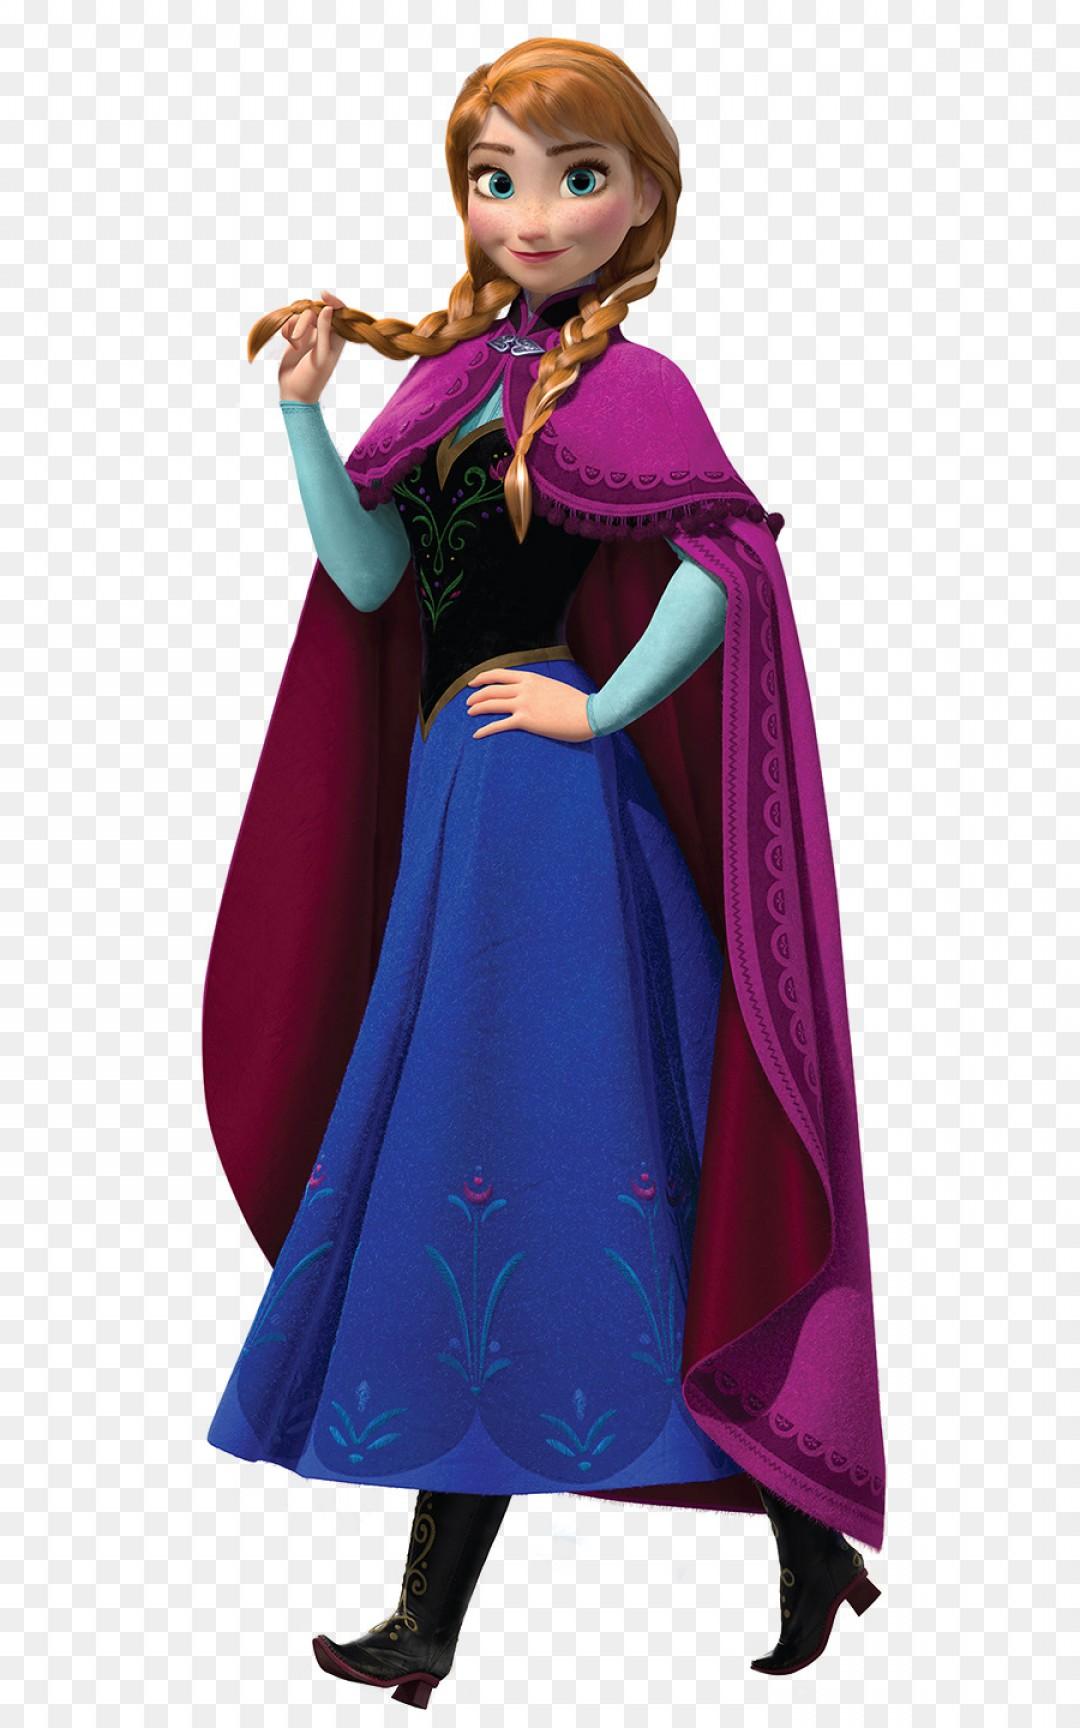 svg freeuse download Frozen vector anna. Png elsa olaf kristoff.